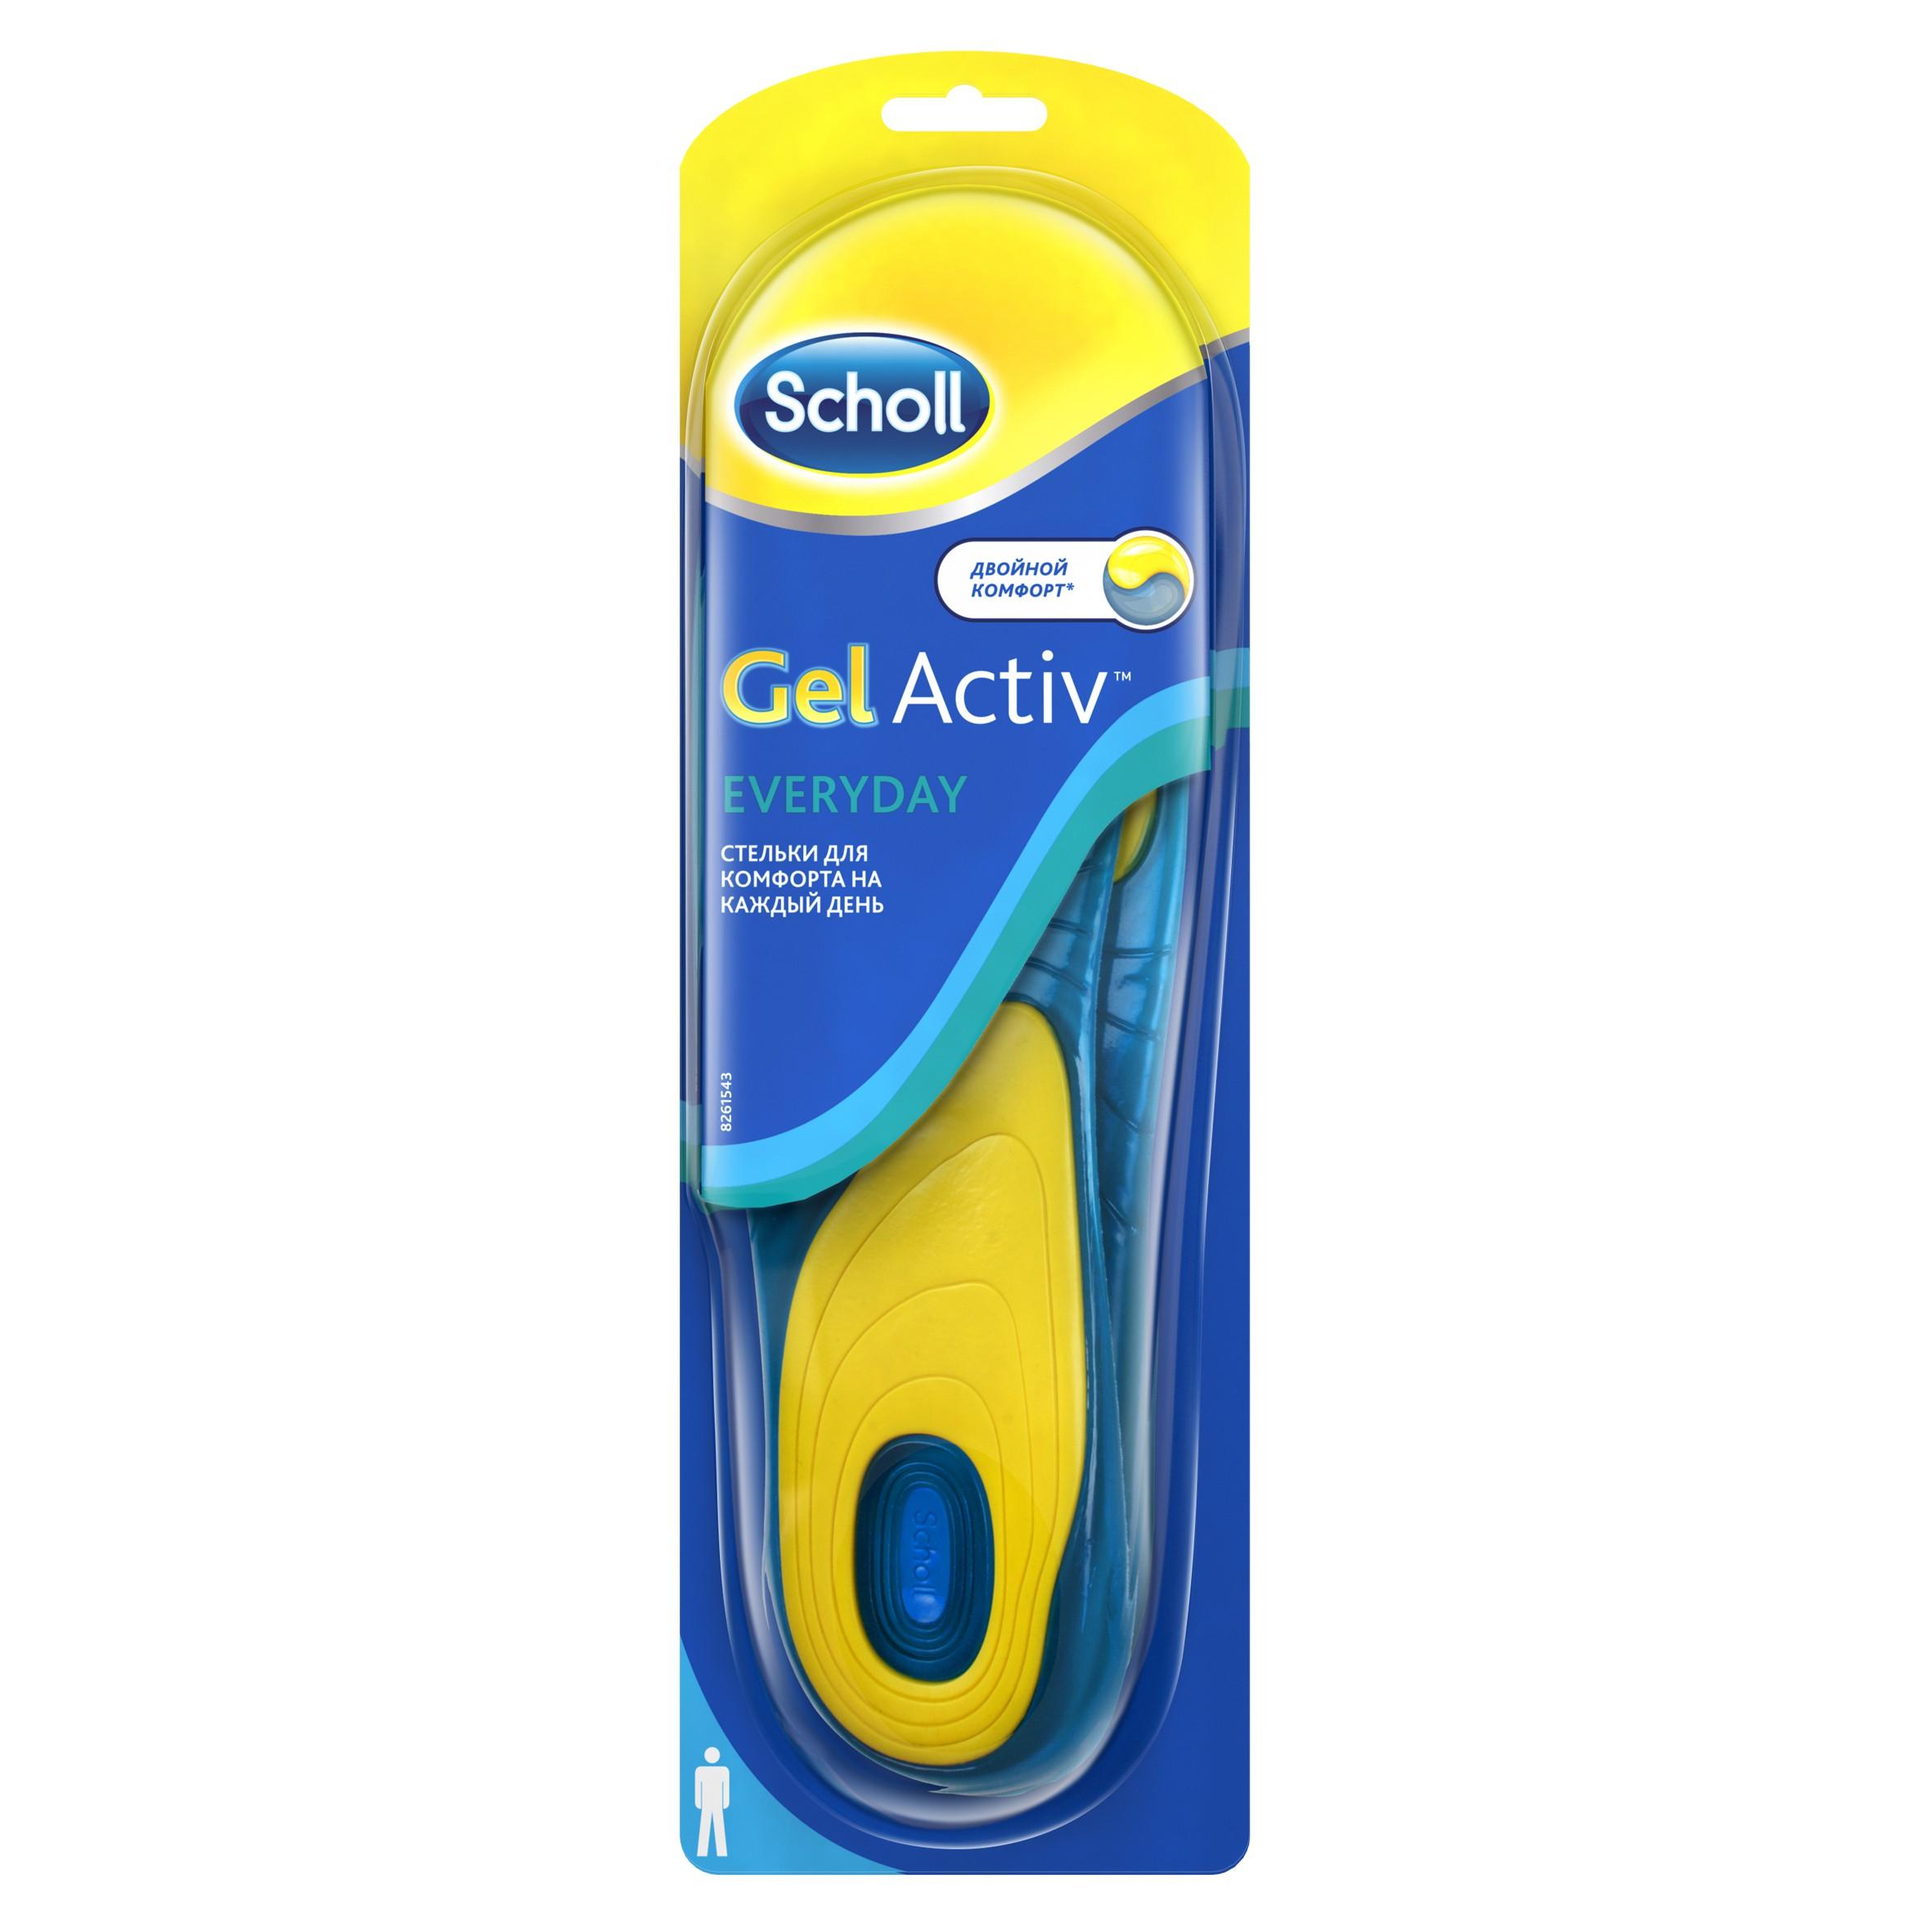 Купить Стельки для обуви Scholl gelactiv everyday для мужчин р.40-46